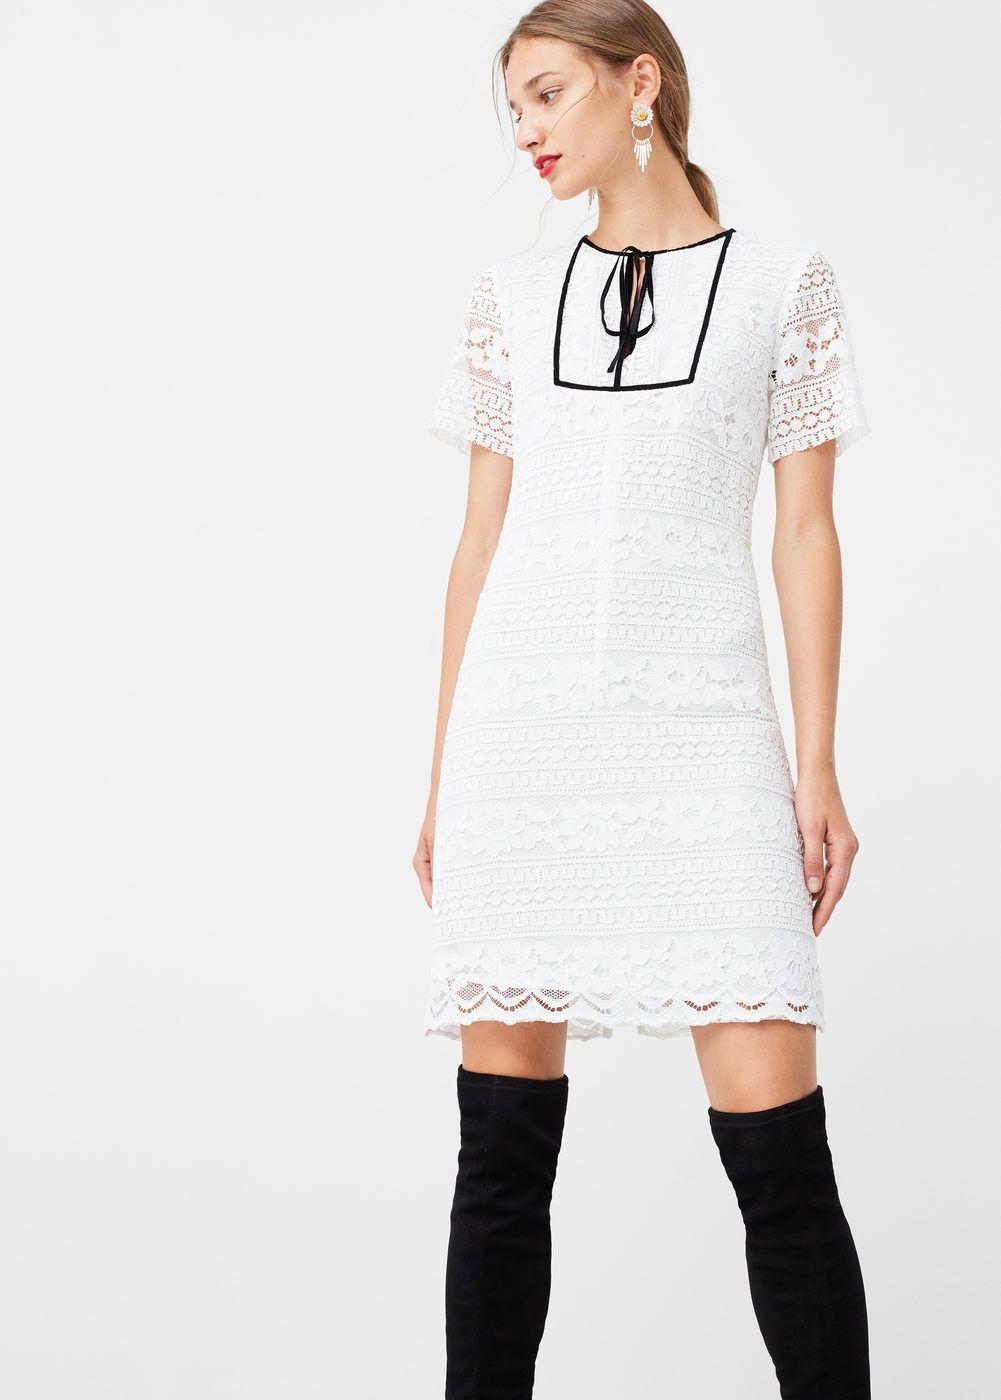 Robe en dentelle - Femme   Shopping list   Pinterest   Robes de ... 673347ebaade